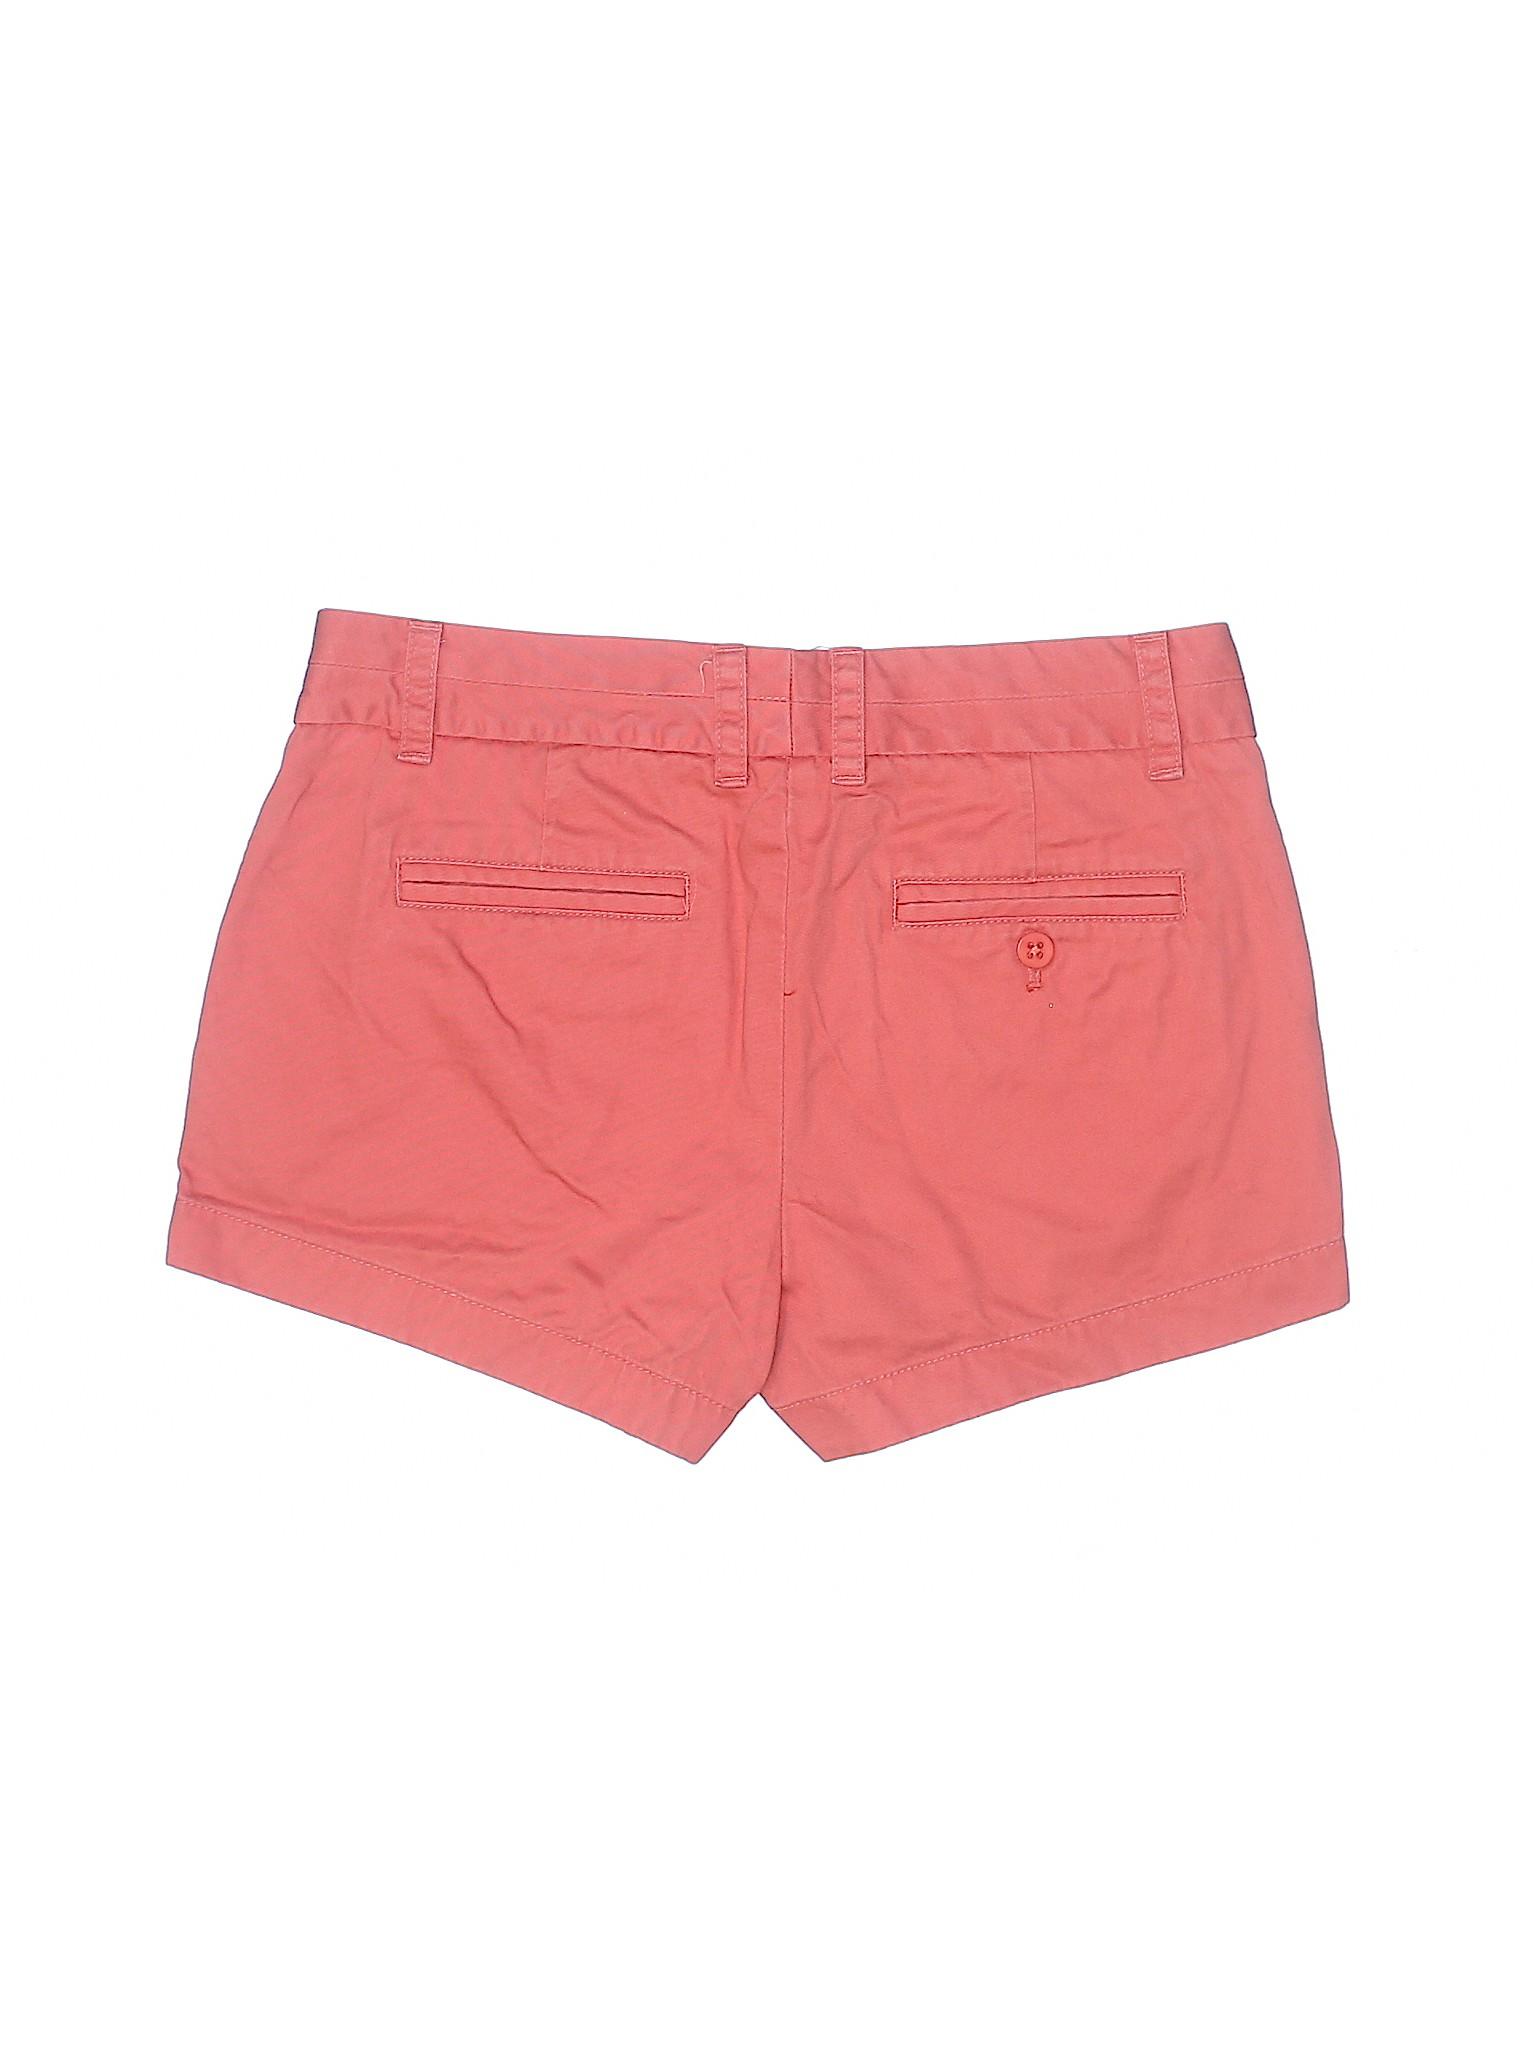 J Crew Crew J Boutique Boutique Shorts Shorts J J Shorts Boutique Crew Shorts Boutique Crew Boutique xFYTWO